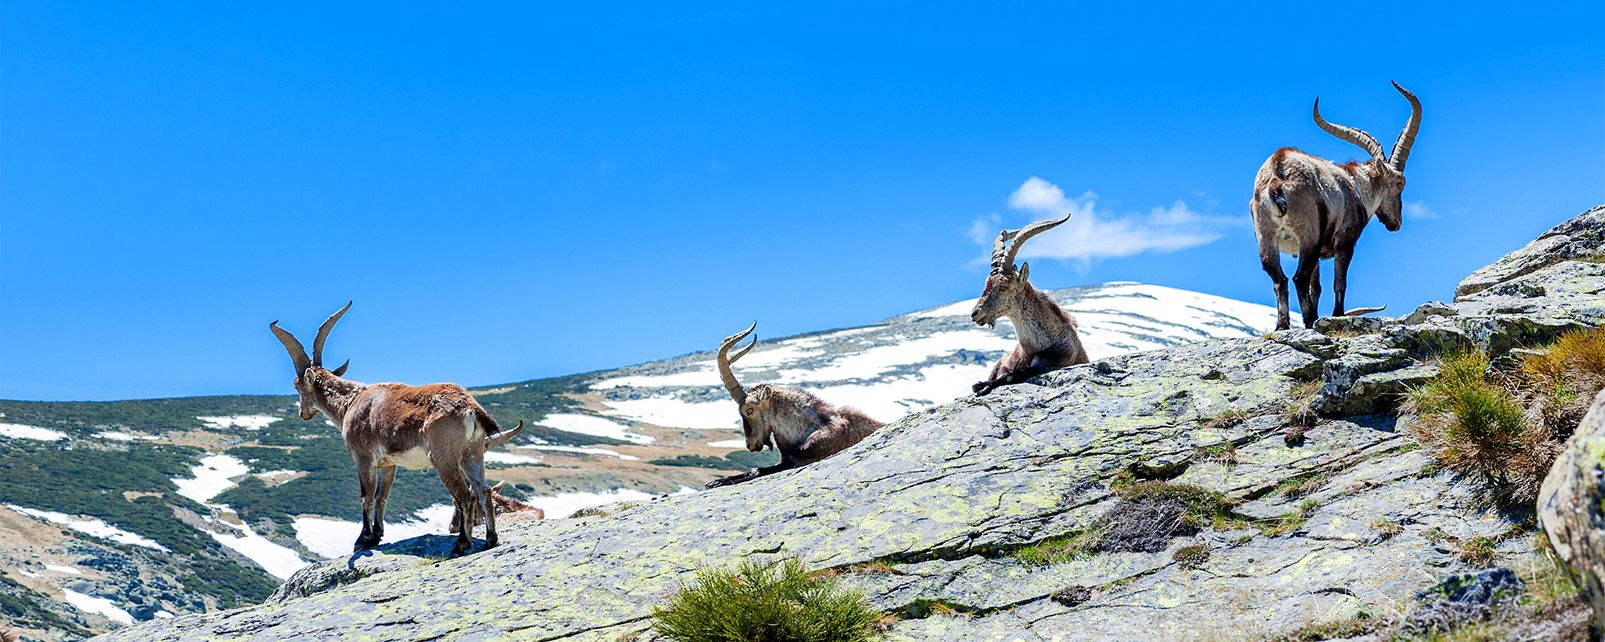 Le Parc naturel de Chera-Sot de Chera, Parc naturel de Chera-Sot de Chera, Les paysages et les activités, Communauté de Valence